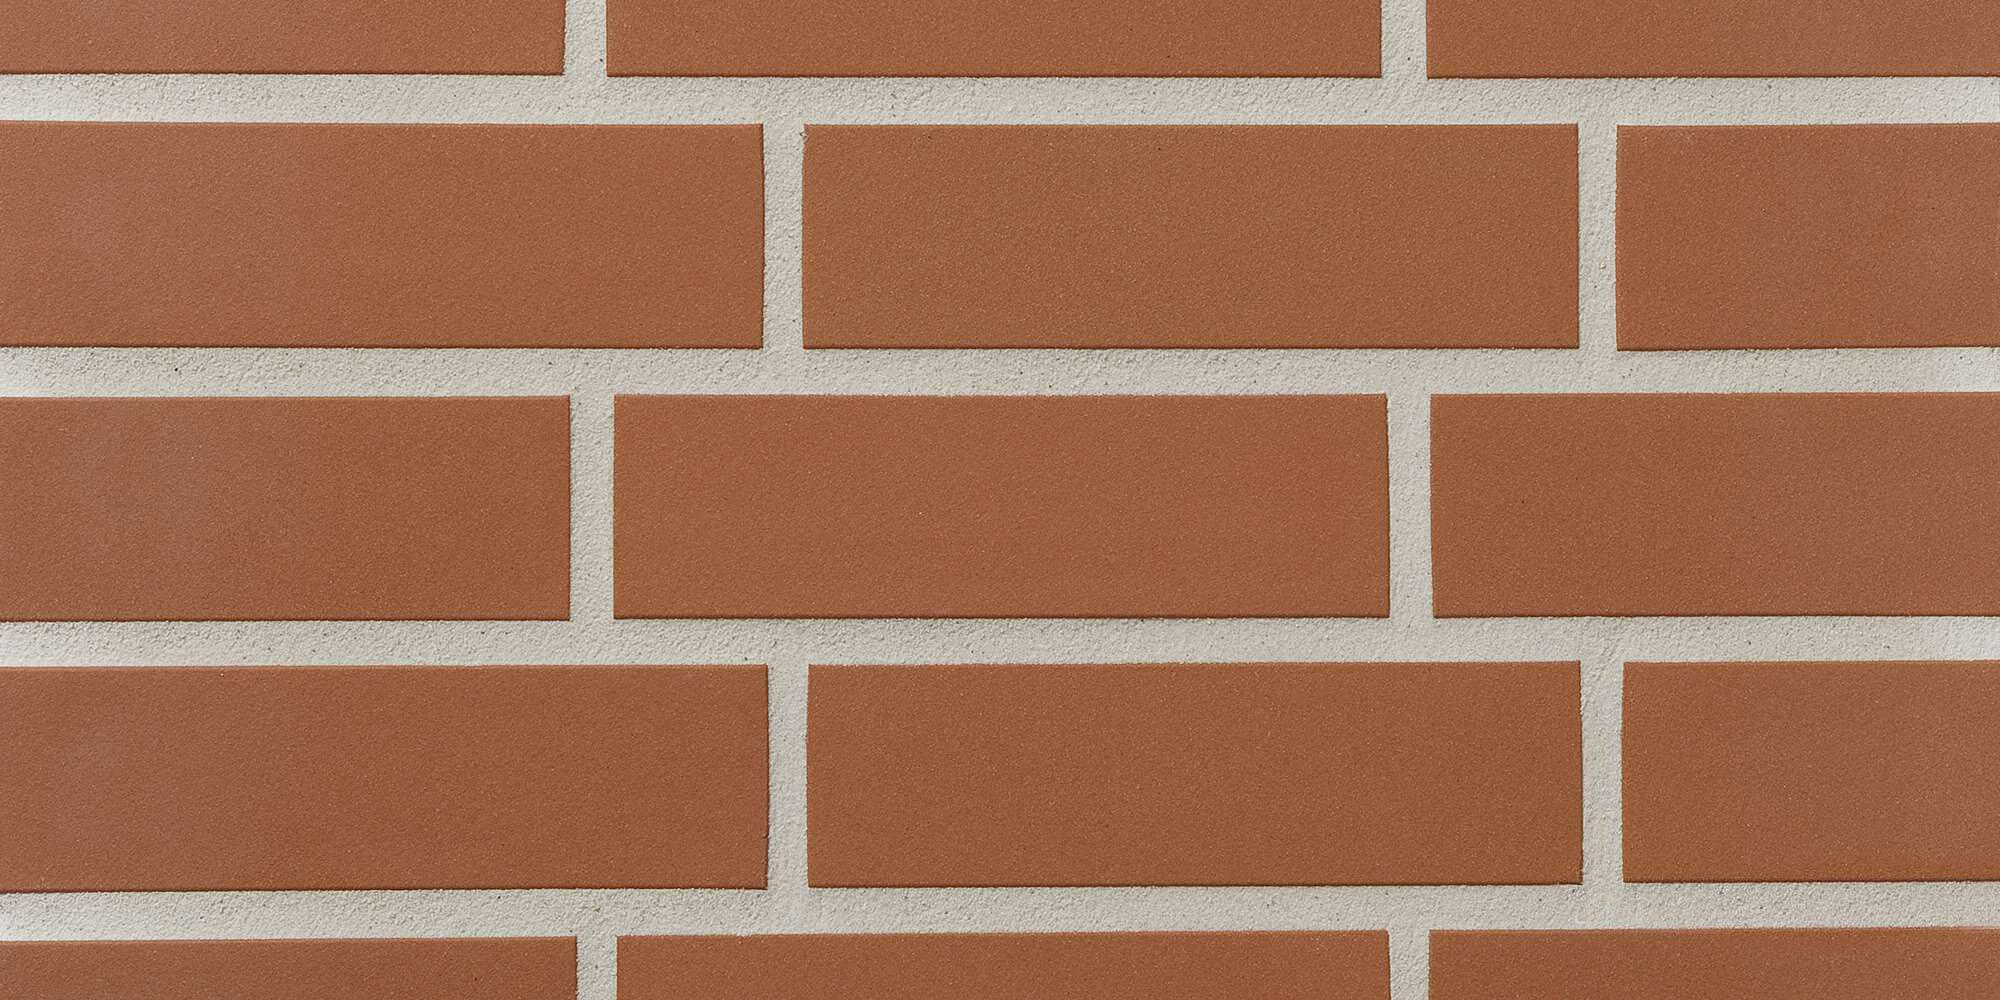 Stroeher - 200 Saumon , Keravette, unglasiert, неглазурованная, гладкая, 240x71x11 - Клинкерная плитка для фасада и внутренней отделки